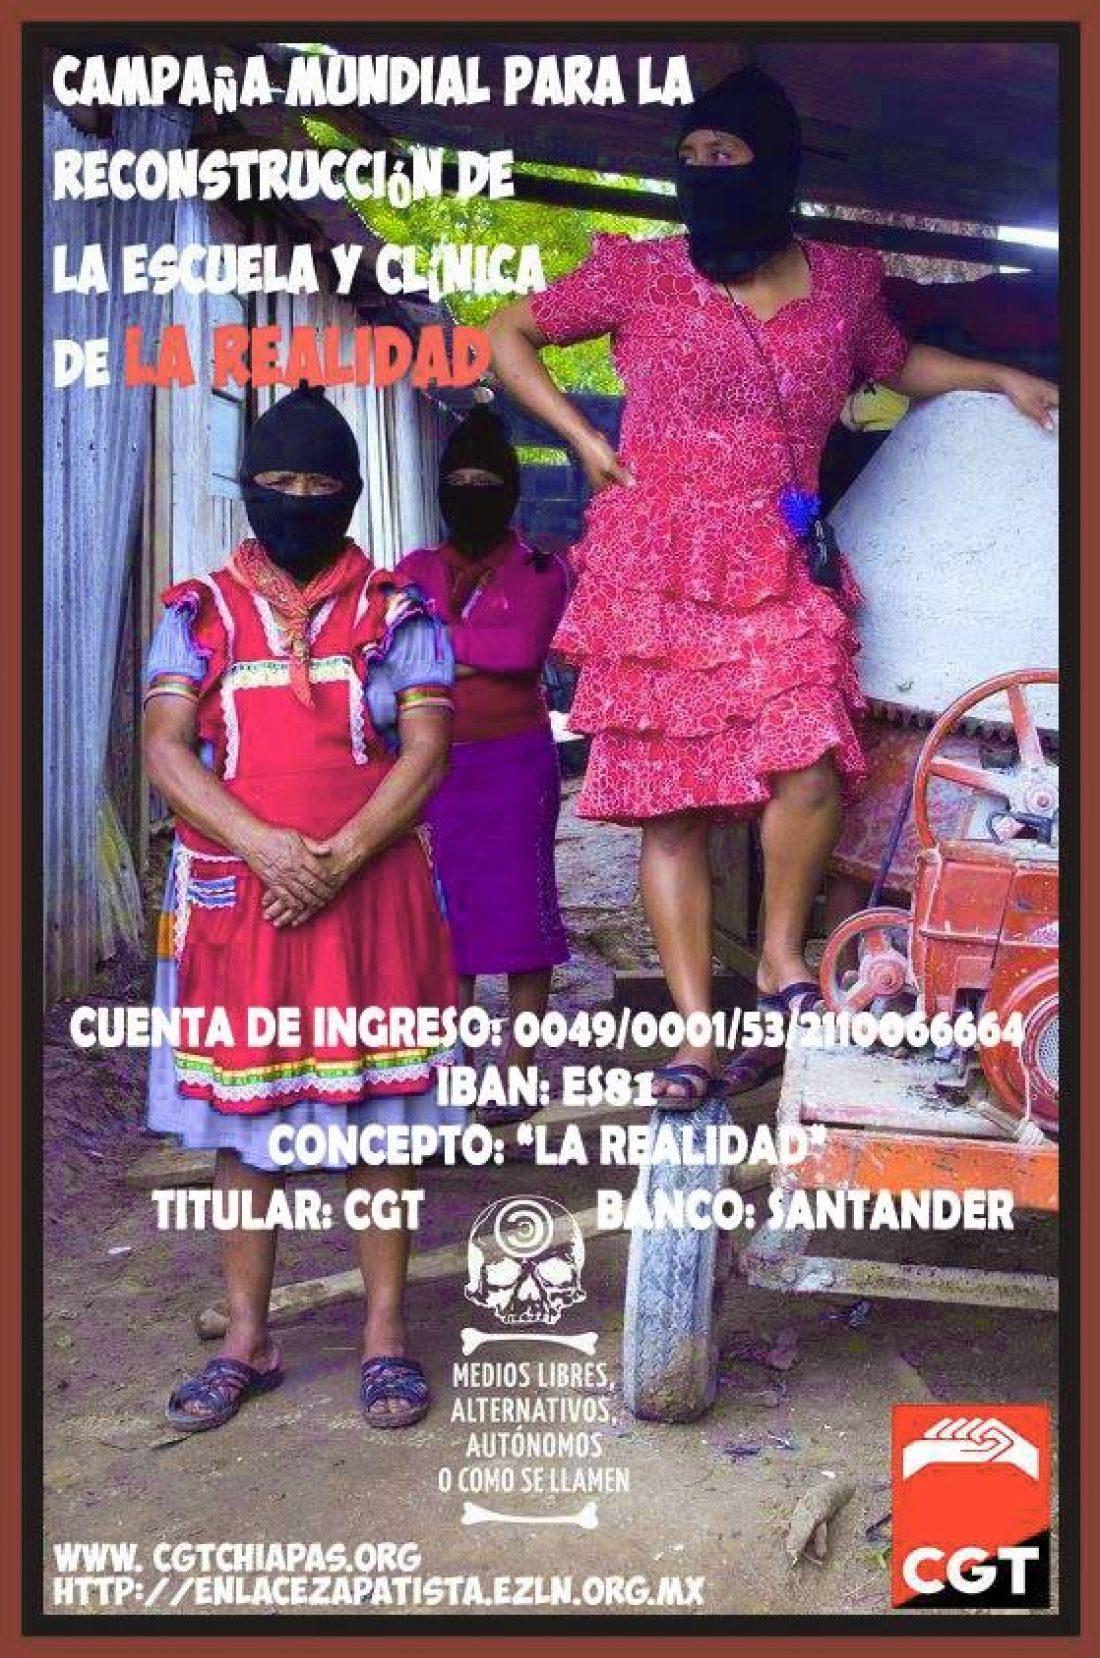 Campaña internacional Reconstrucción Escuela y Clínica en La Realidad, Chiapas.